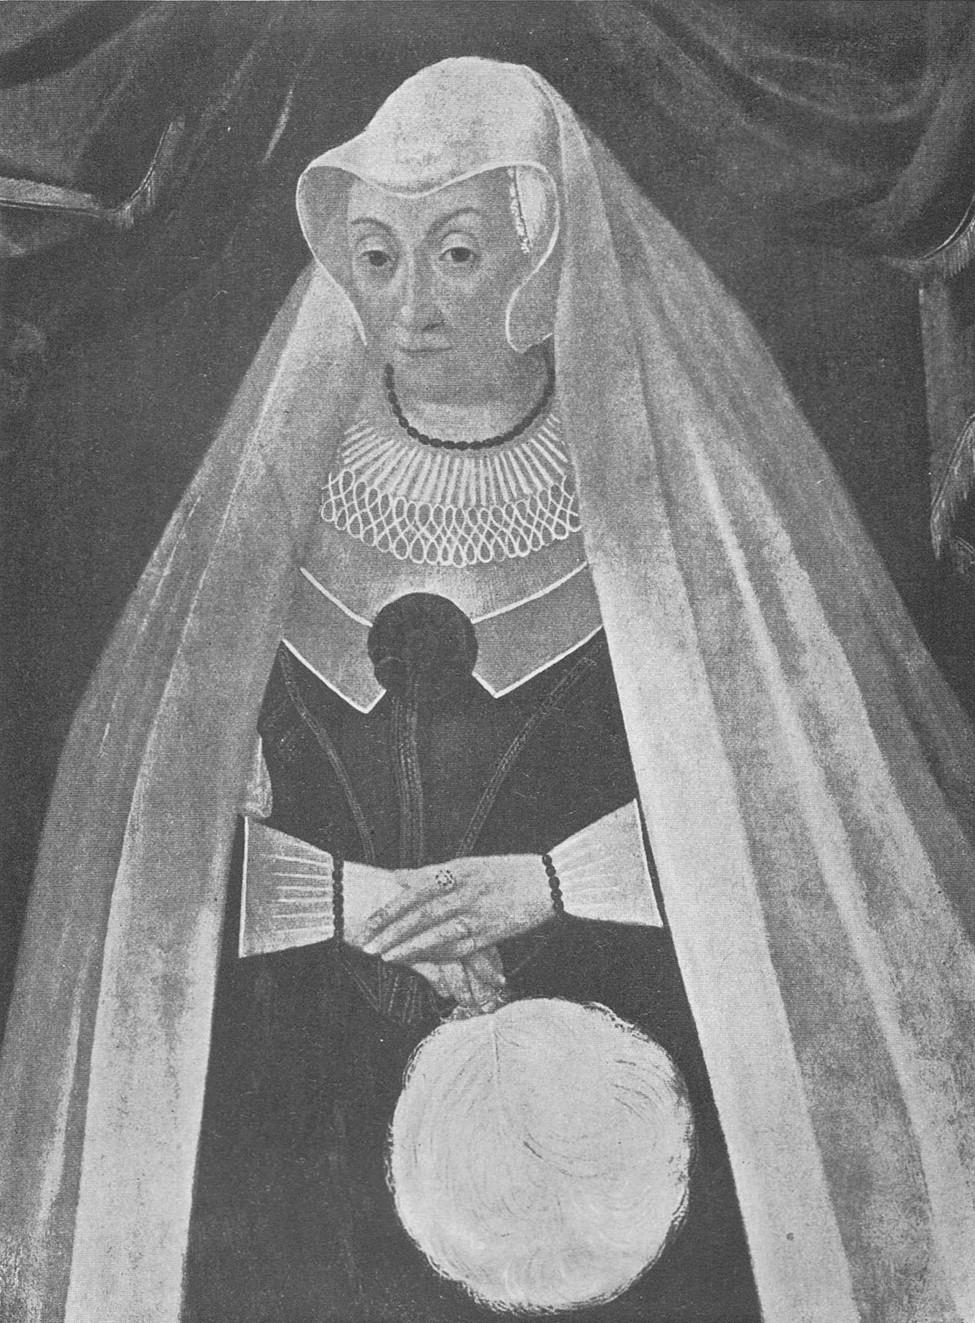 Porträtt av Kristina Sture på Gripsholms slott. Okänd konstnär, 1600-talet. Bildkälla: Svenskt Porträttarkiv (CC-BY-NC-SA 4.0)